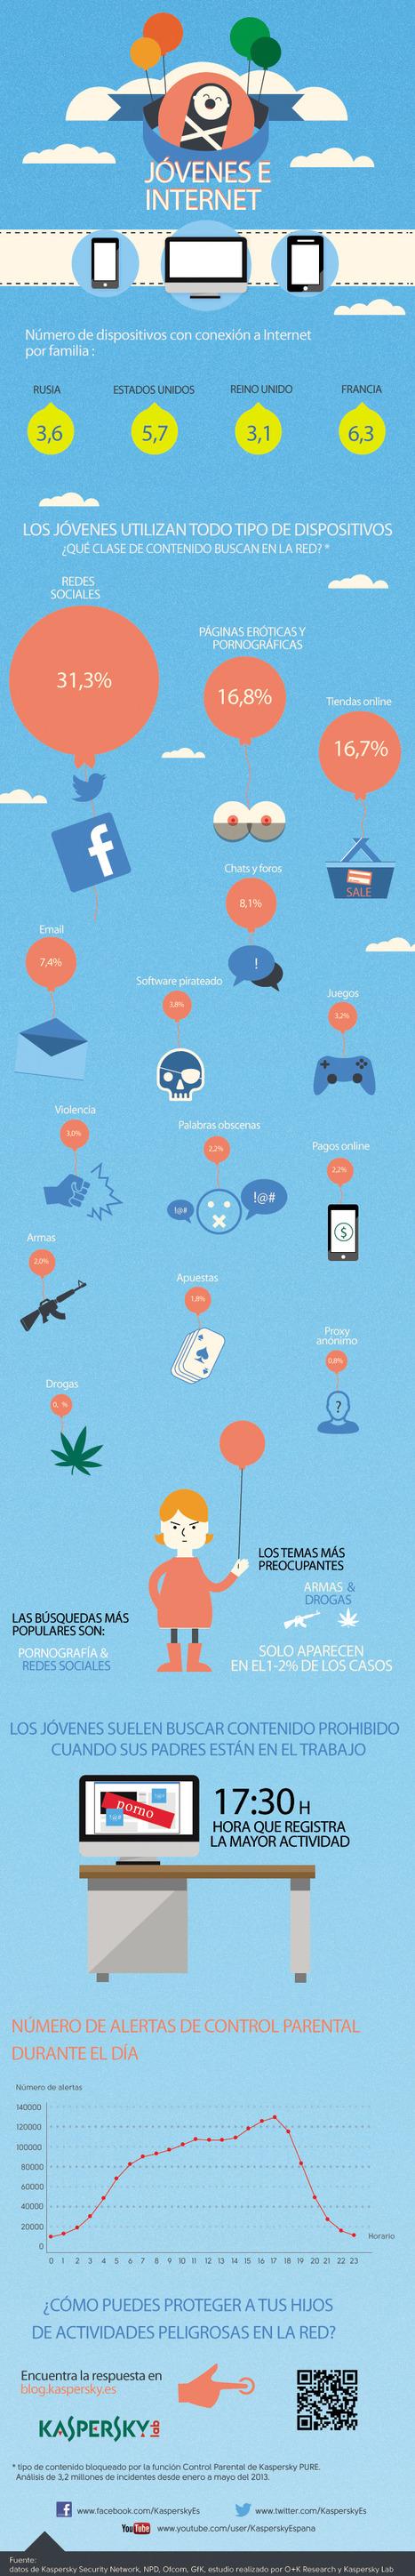 ¿Qué buscan los jóvenes en Internet? | Noticias, Recursos y Contenidos sobre Aprendizaje | Scoop.it